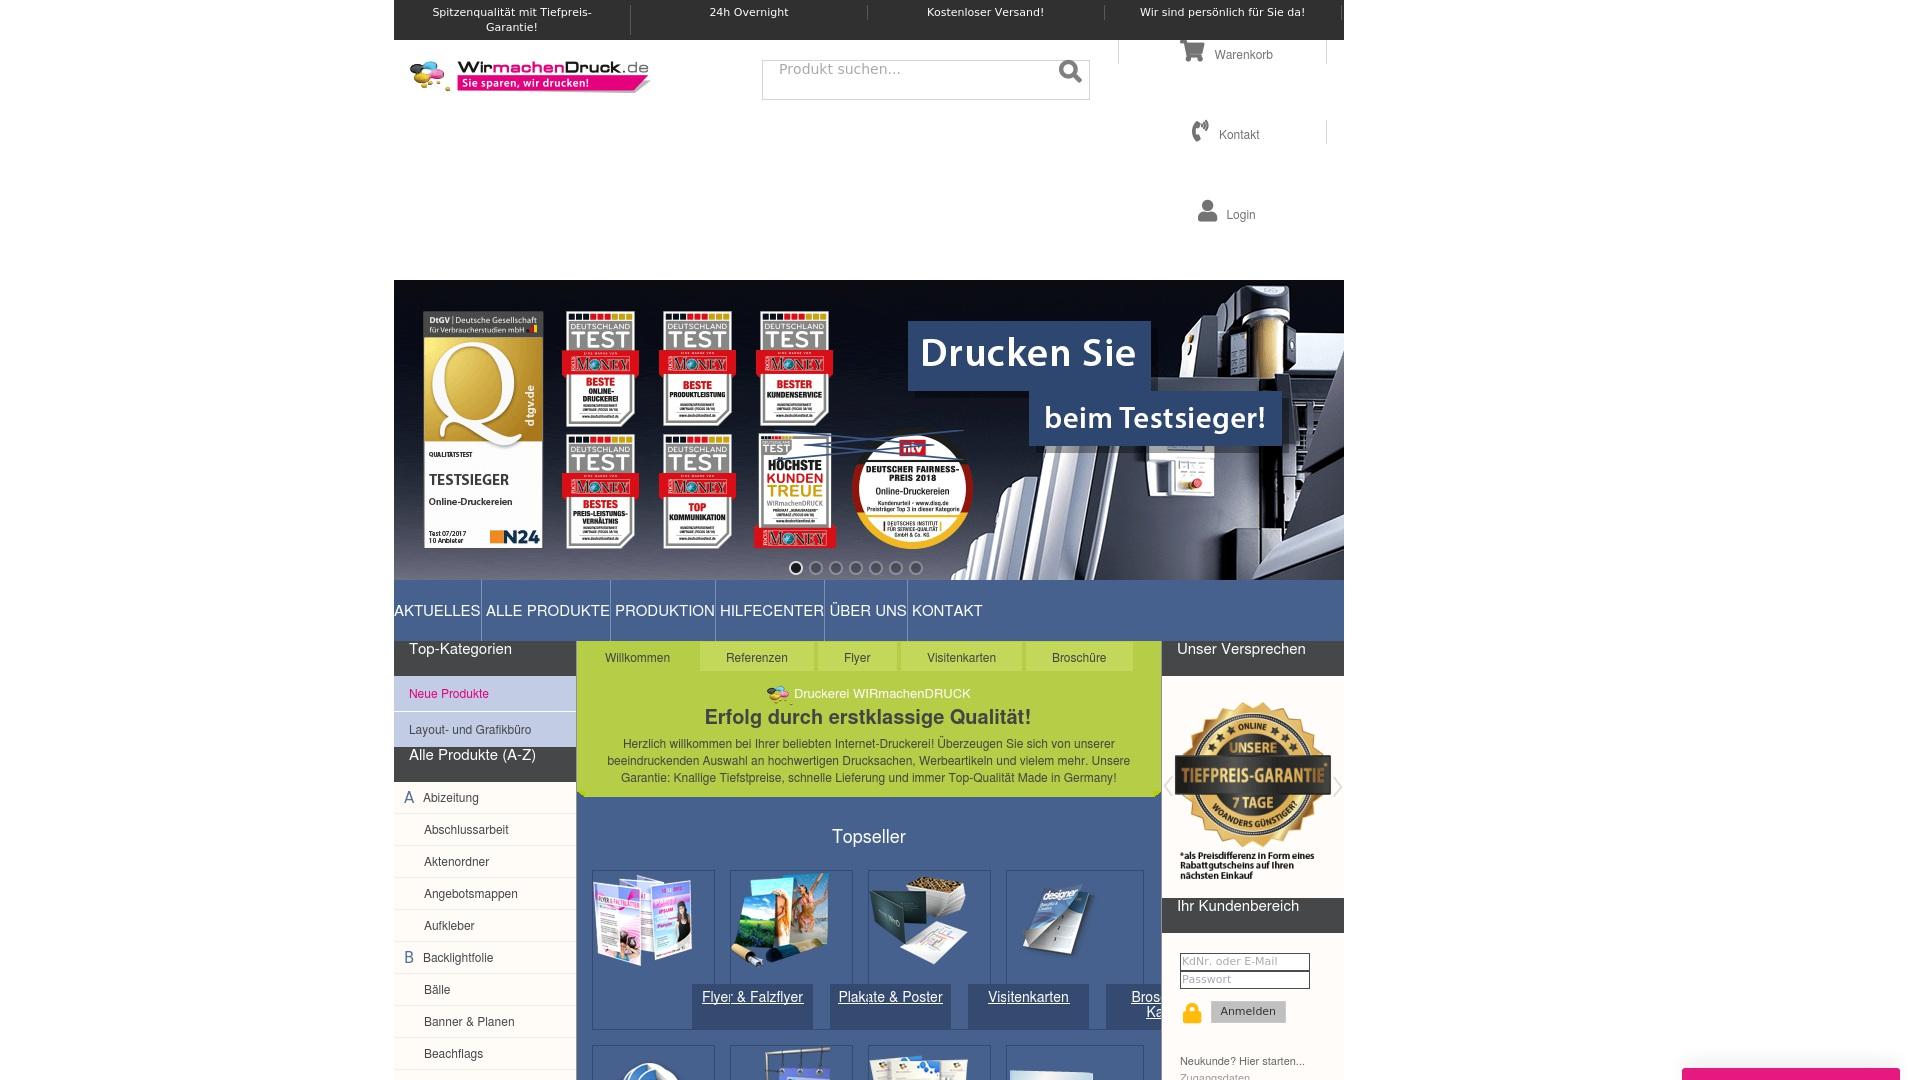 Gutschein für Wir-machen-druck: Rabatte für  Wir-machen-druck sichern